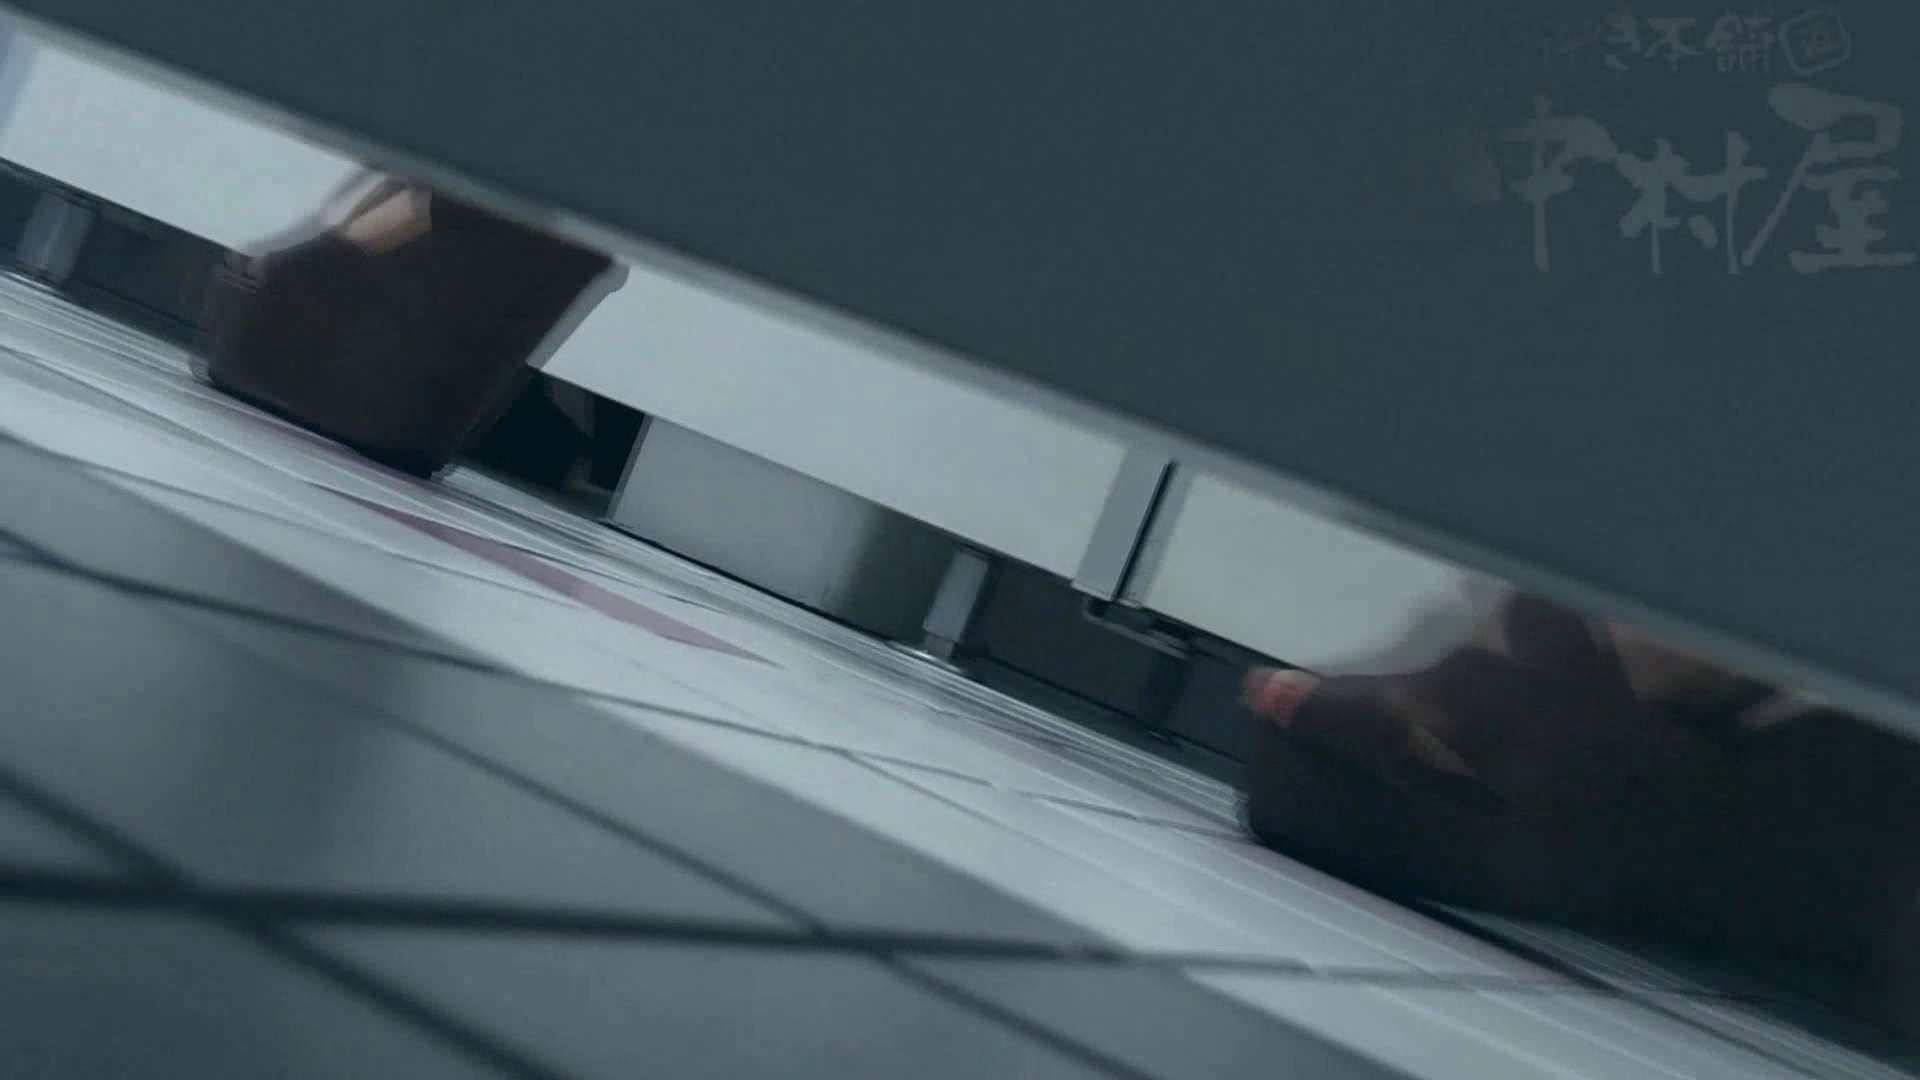 ヤリマンのオマンコ:美しい日本の未来 No.09 オールフロント!/粘り続けてたら奇跡のまた開きだって目の前で起きる!!:のぞき本舗 中村屋